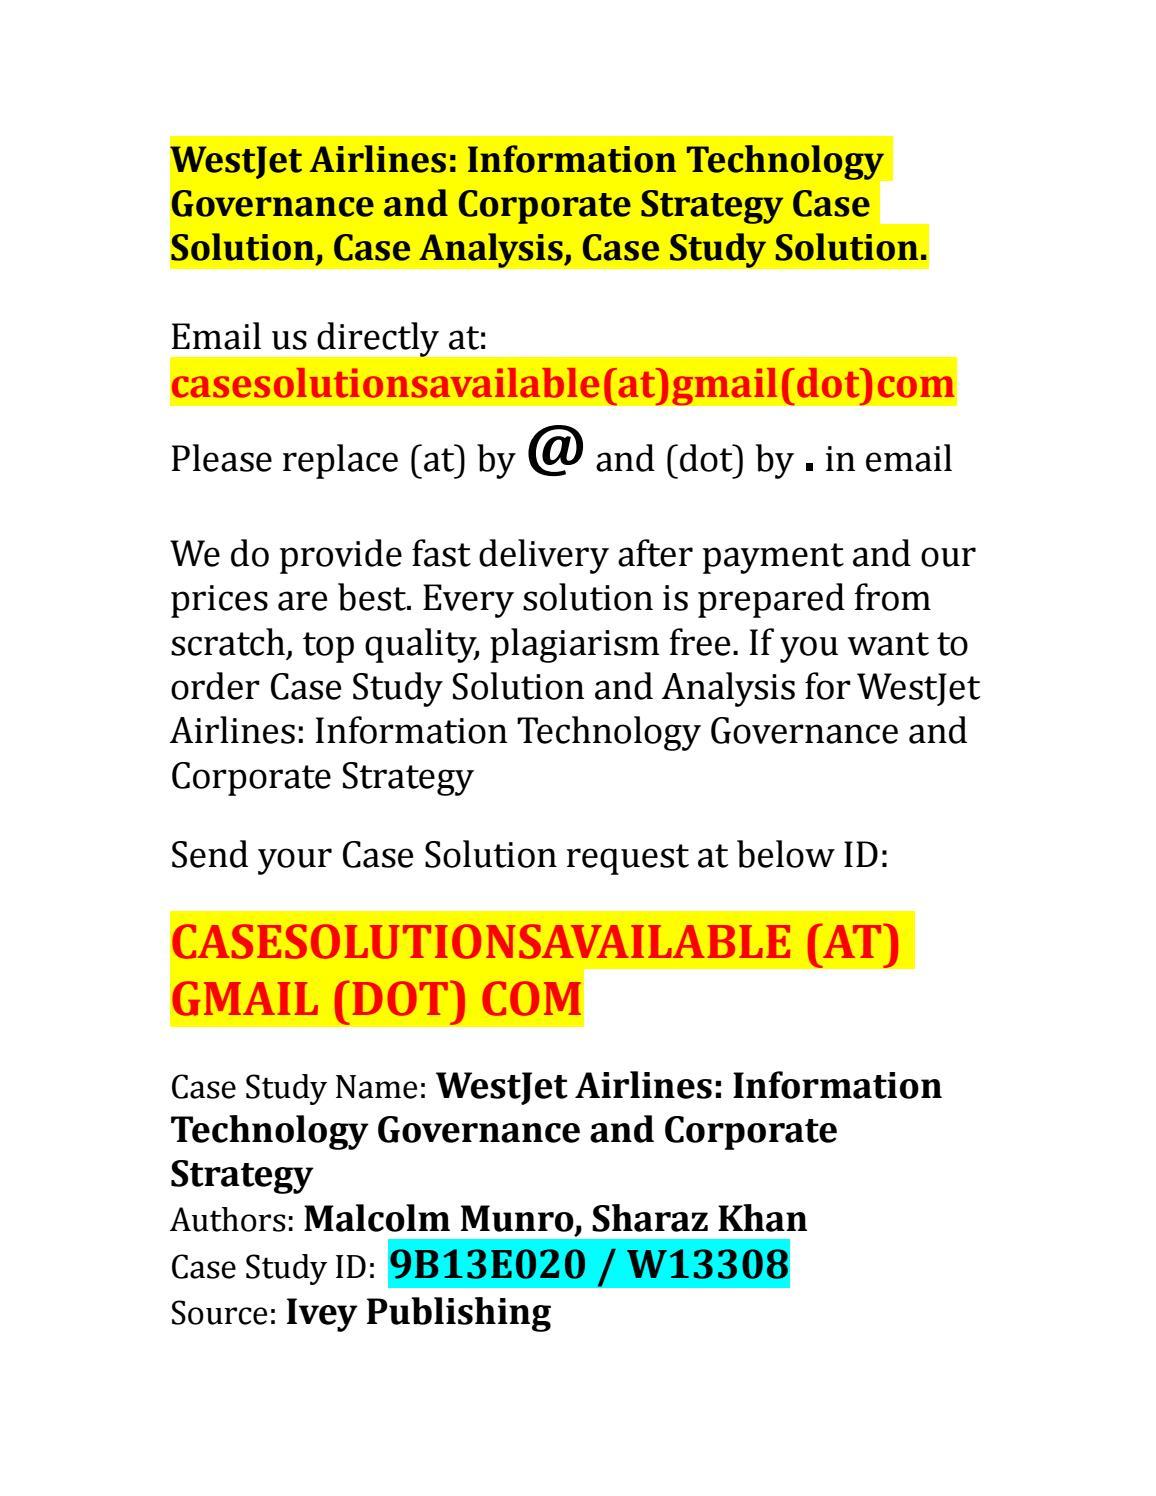 Case Solution for WestJet Airlines: Information Technology